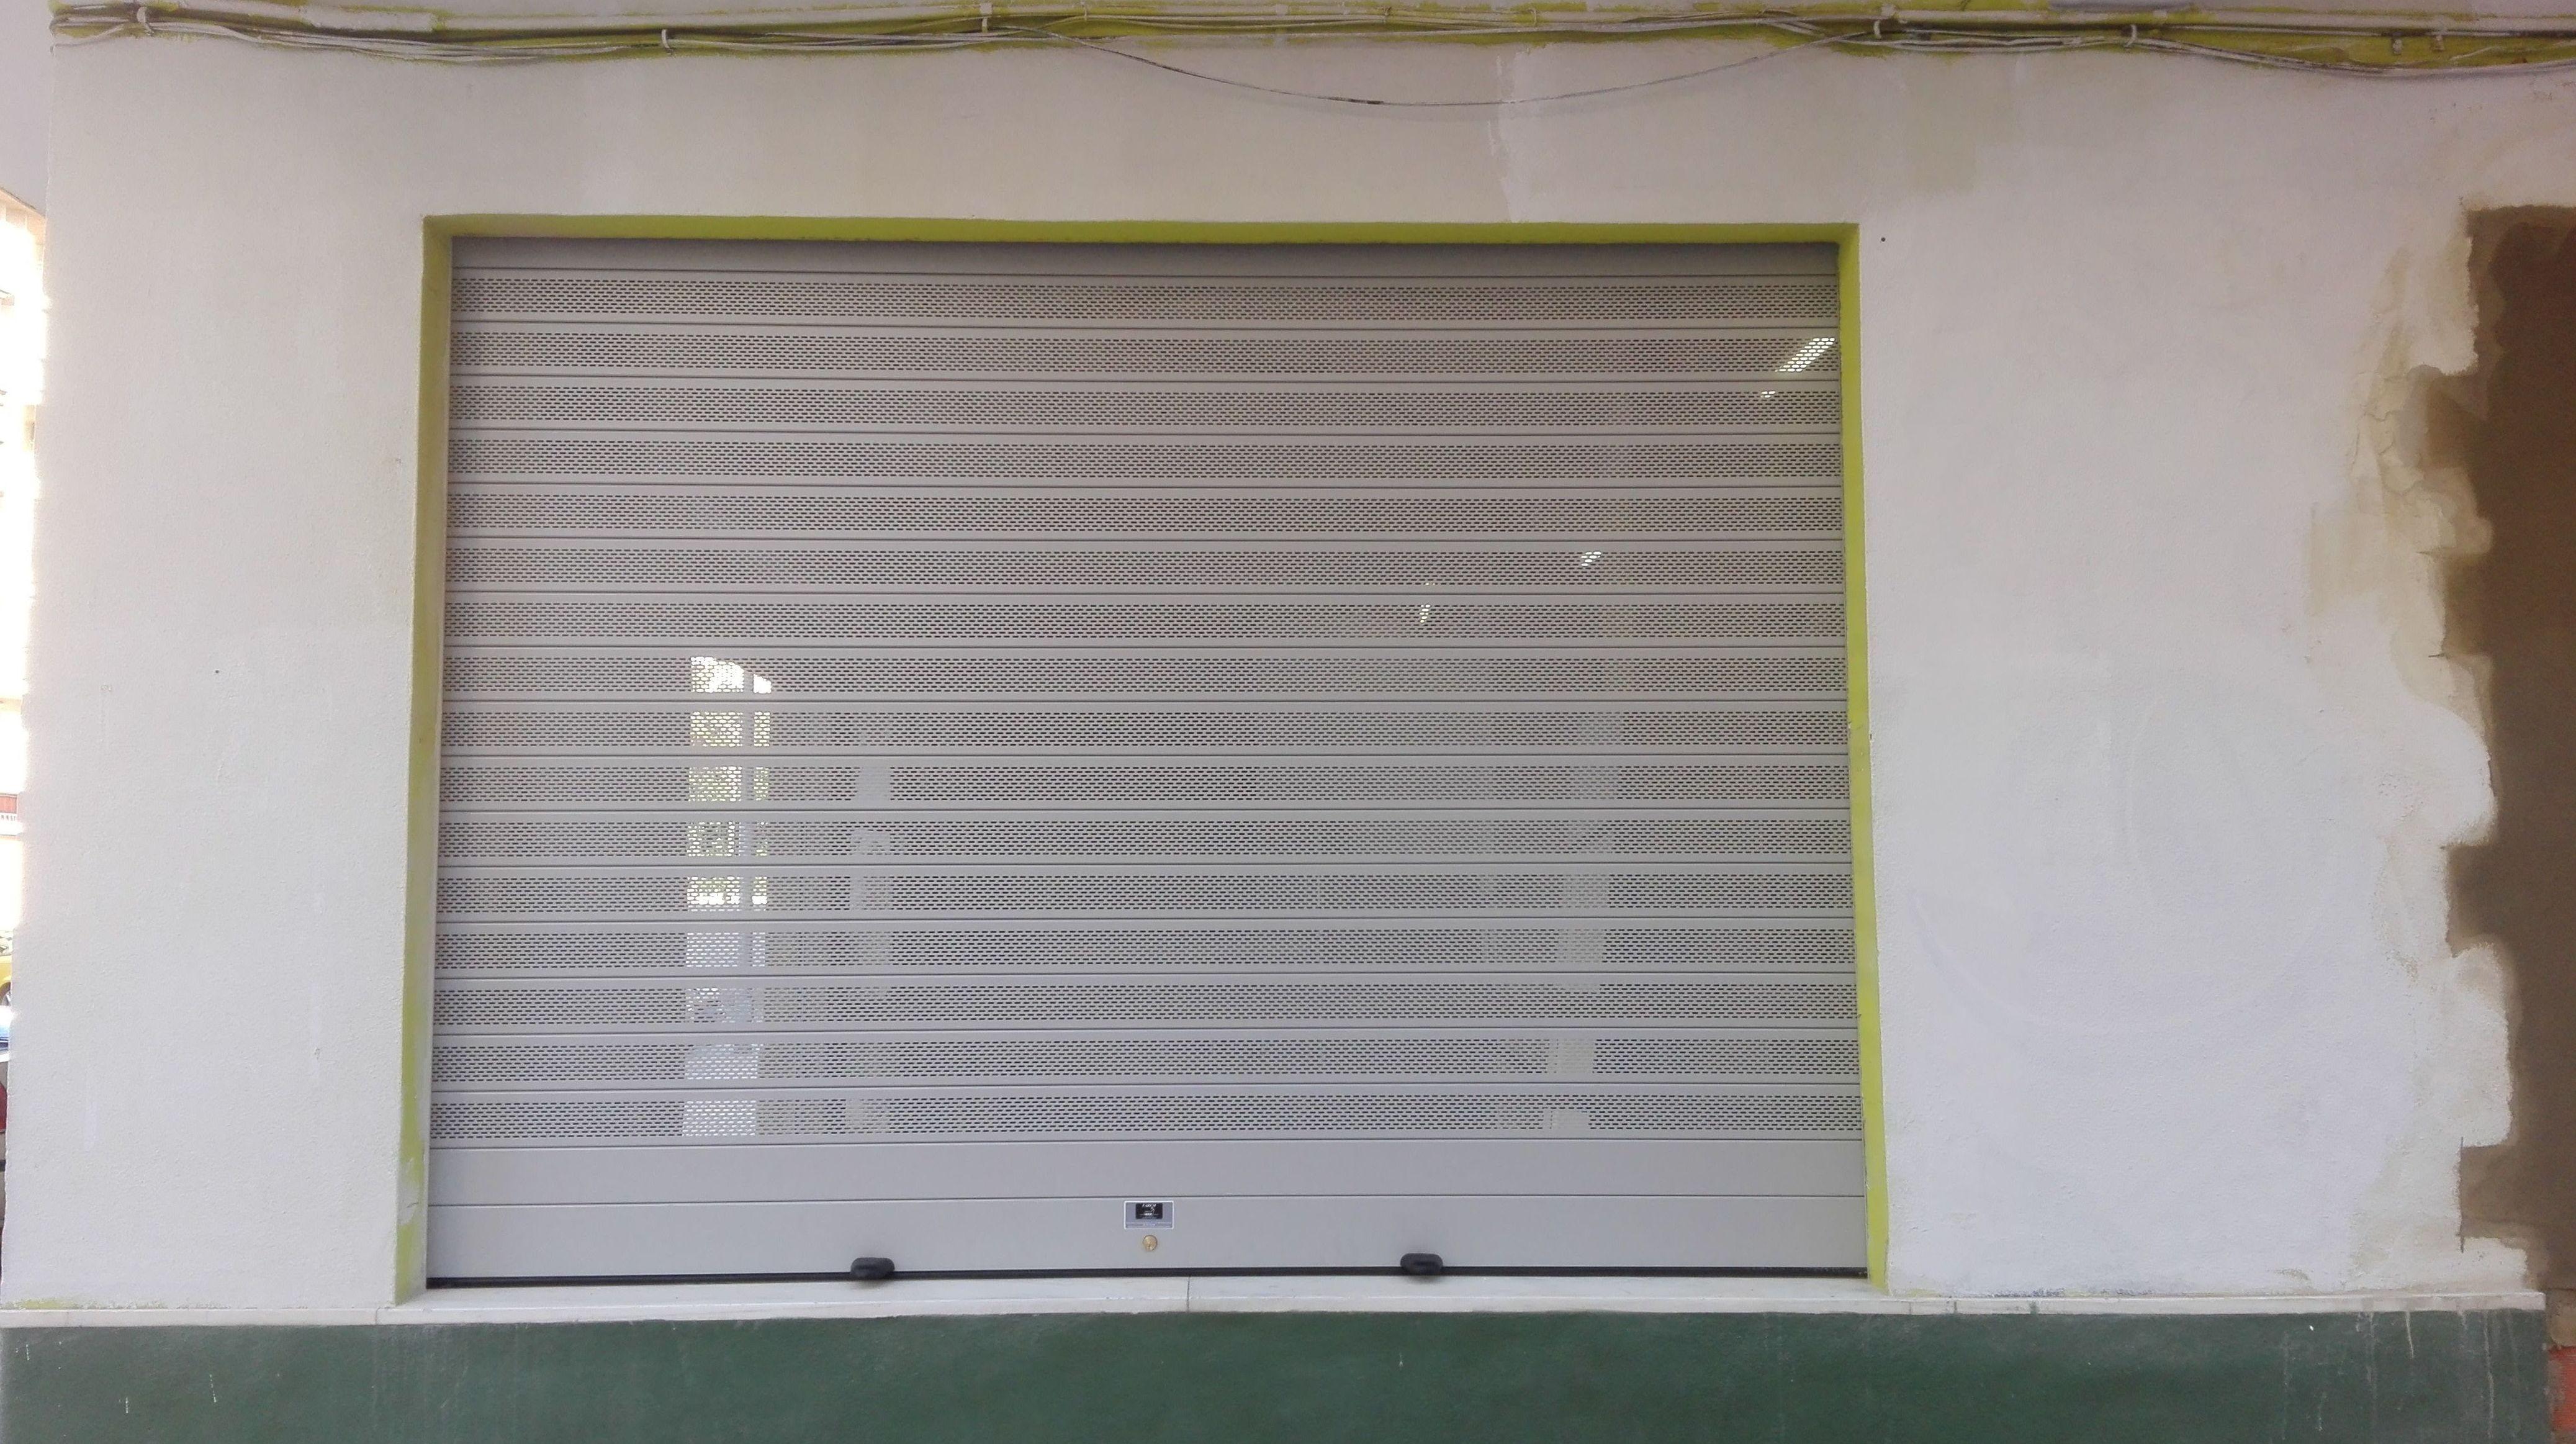 Puerta enrollable de aluminio automática lama ovalada ral 9006 gris microperforada